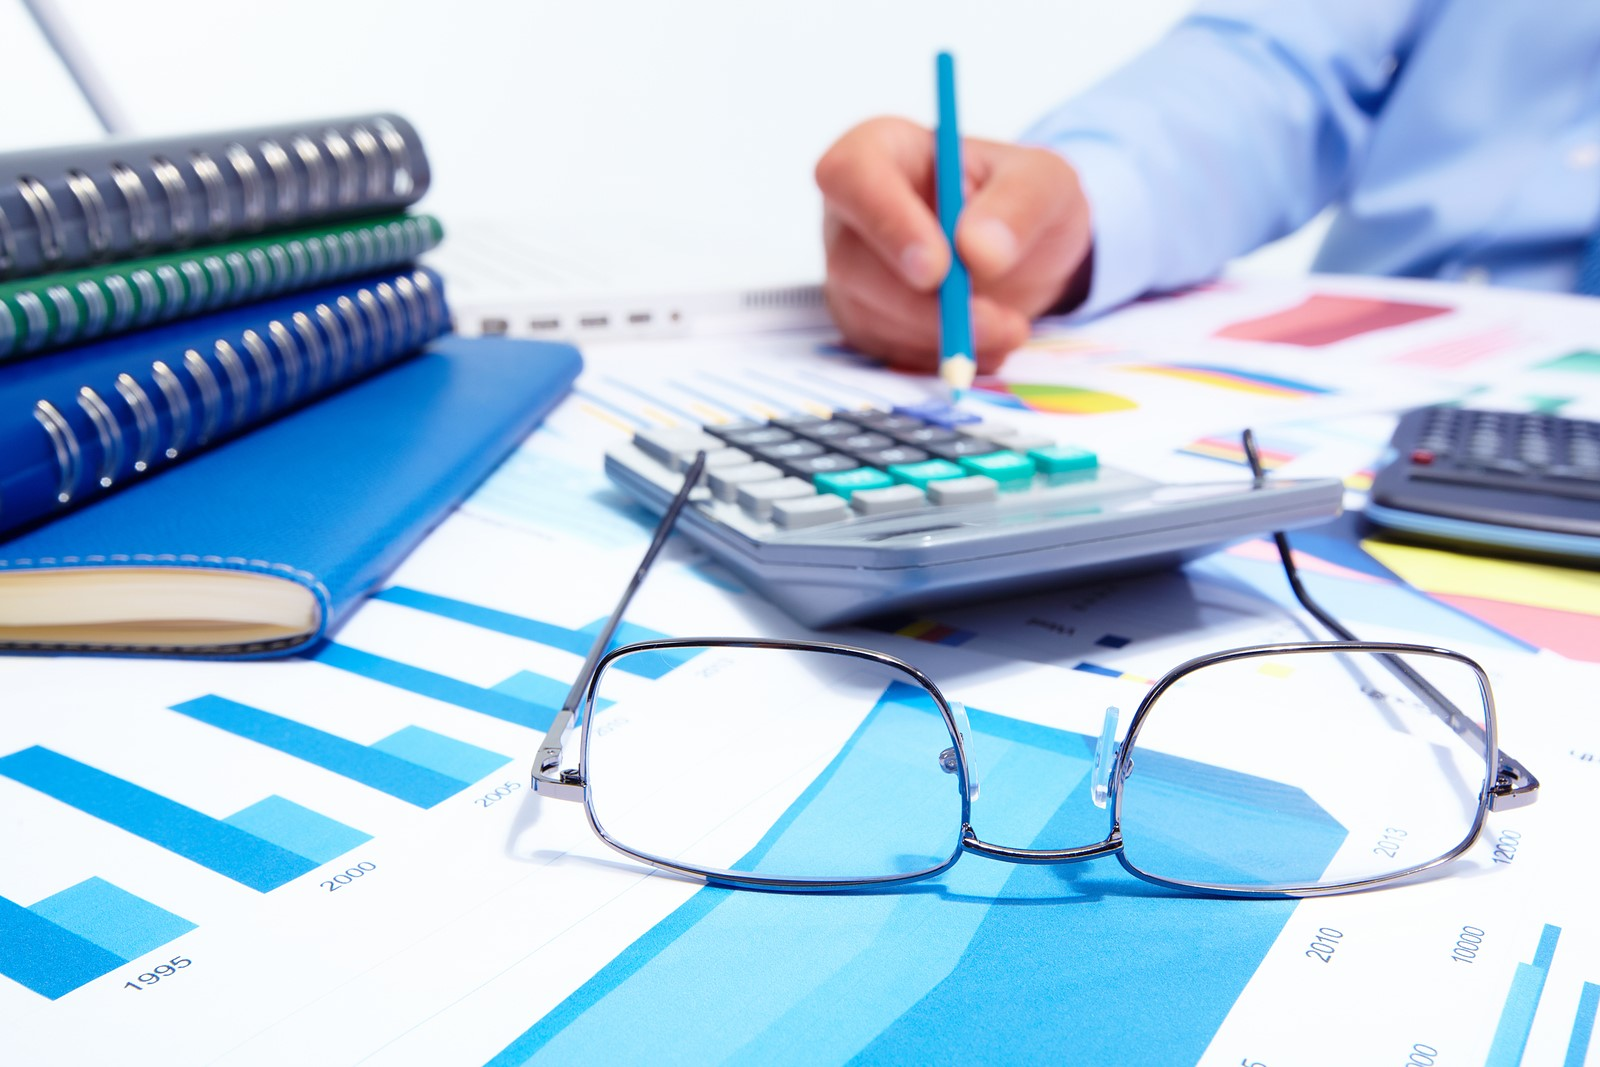 پارامترهای لازم برای استخدام یک حسابدار